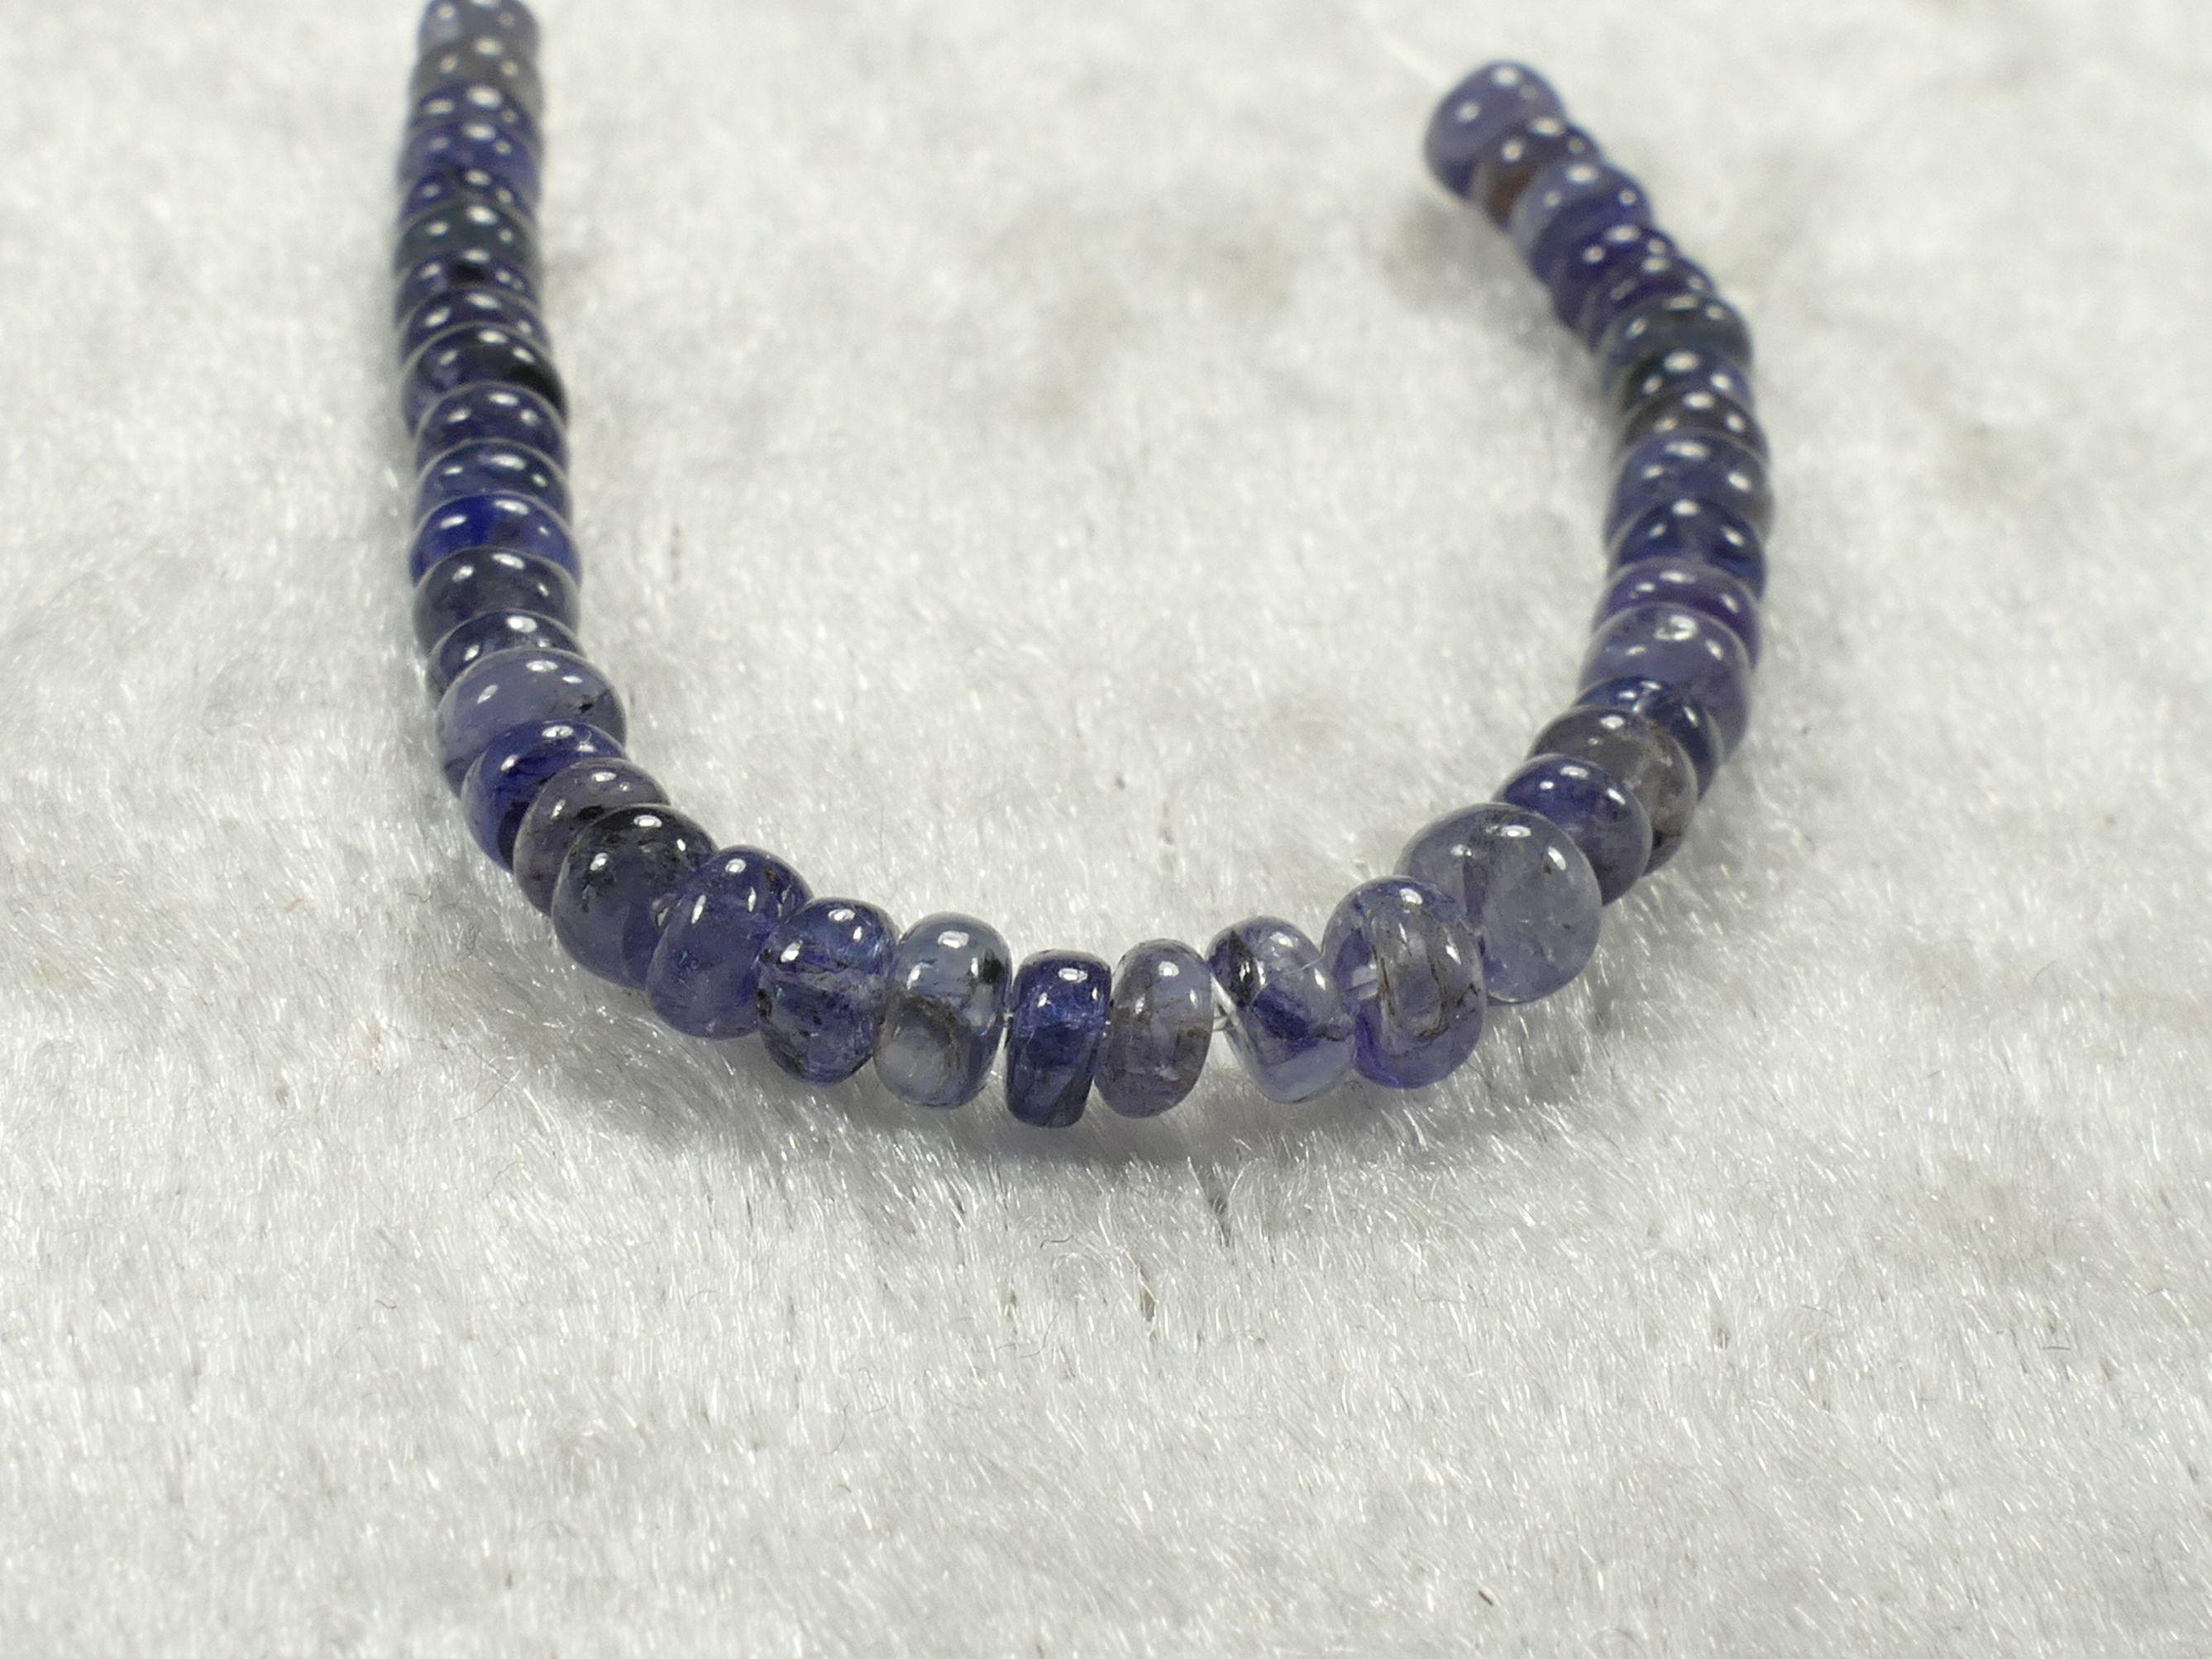 Perles de Saphir bleu foncé naturel en rondelle lisse de Thaïlande lot pour bracelet collier